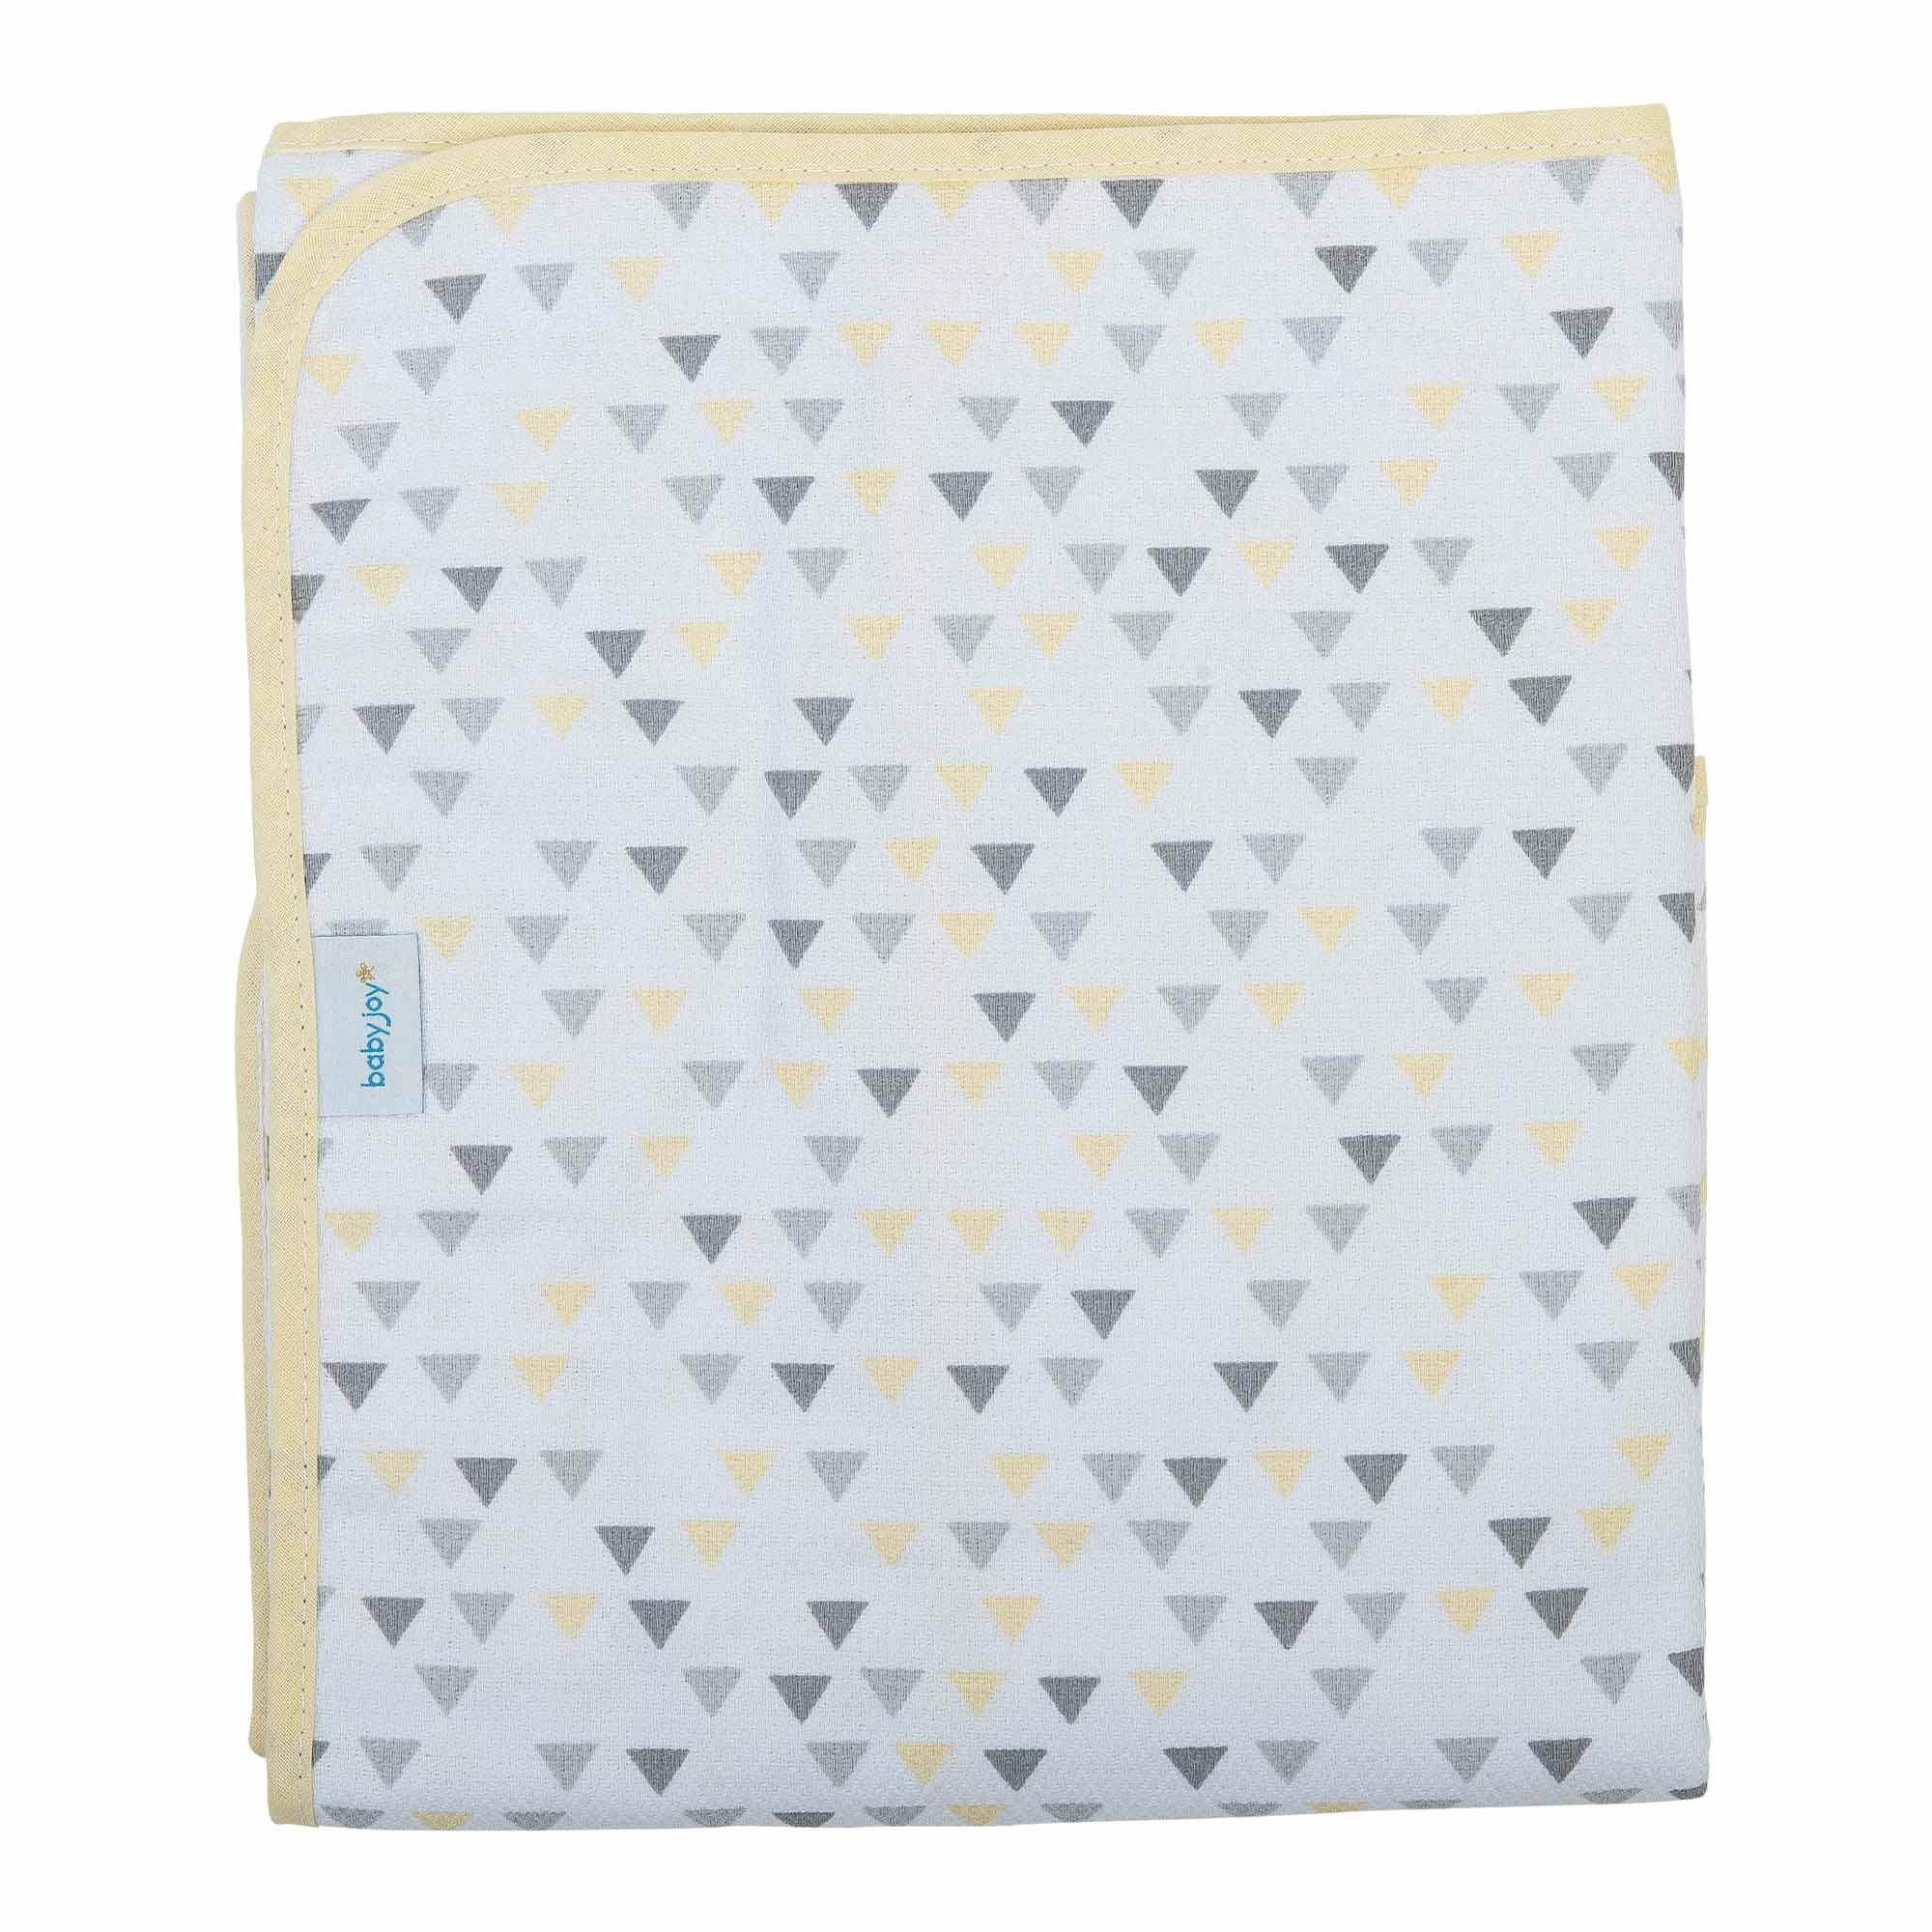 Cobertor Estampado - Incomfral - Baby Joy Trends